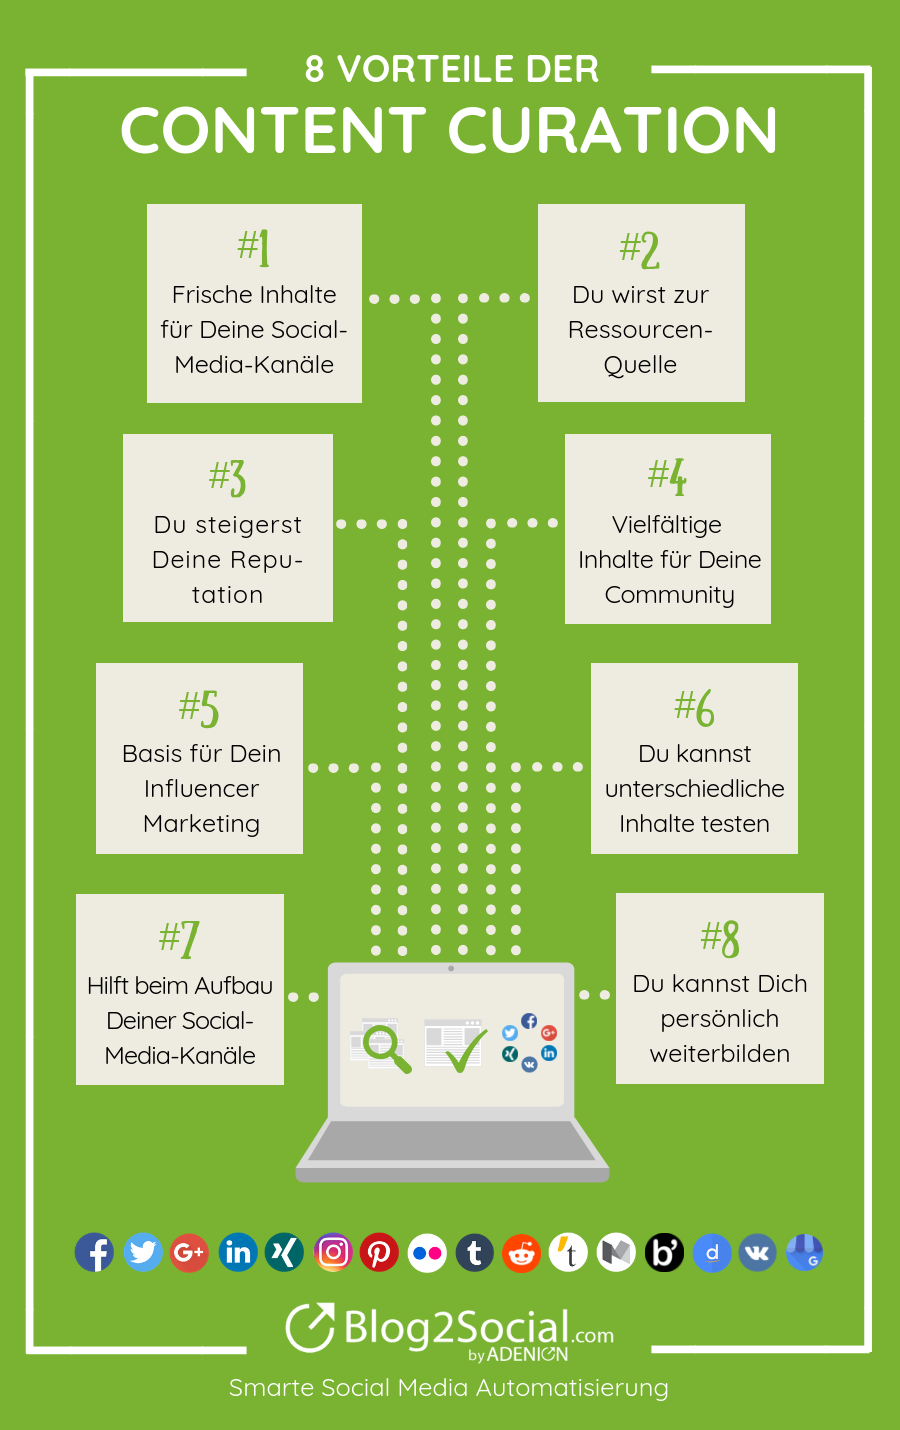 8 Vorteile der Content Curation